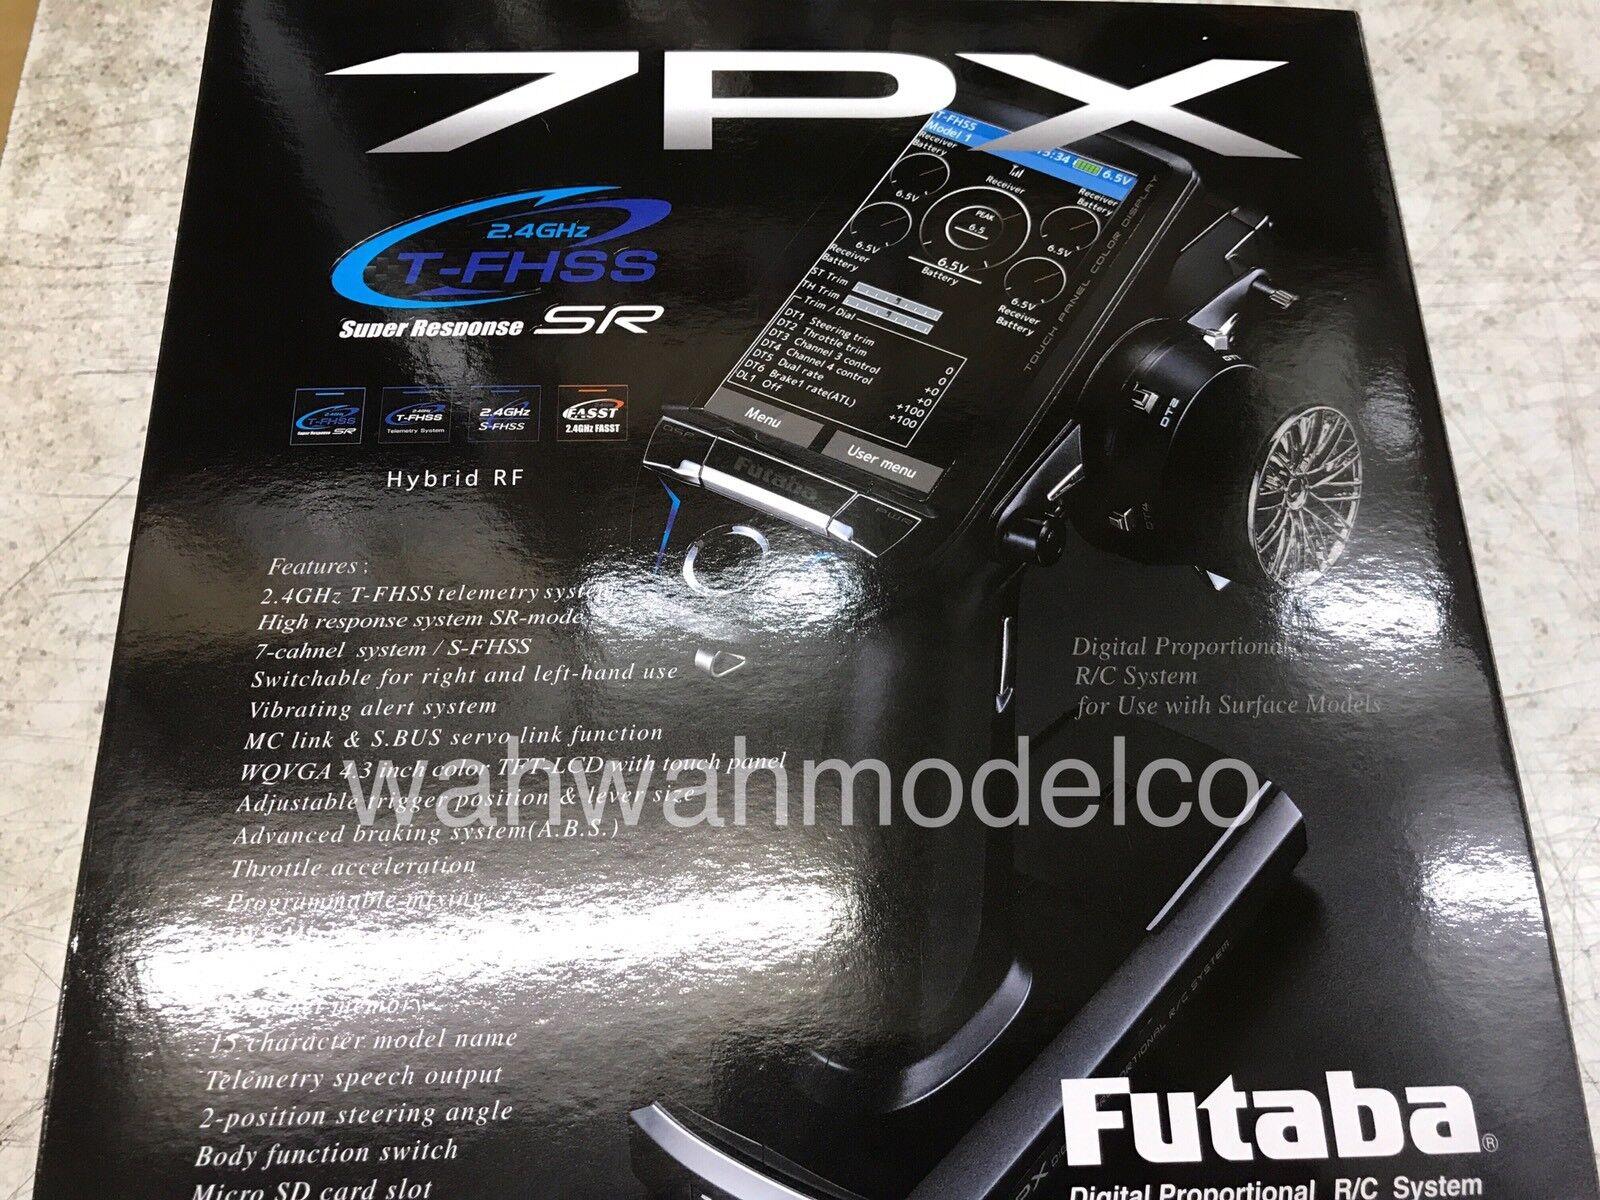 alto descuento FUTABA 7PX 2.4GHz 2.4GHz 2.4GHz T-FHSS Super Response 7 Channel Surface wR334SBSx2 In Stock  opciones a bajo precio